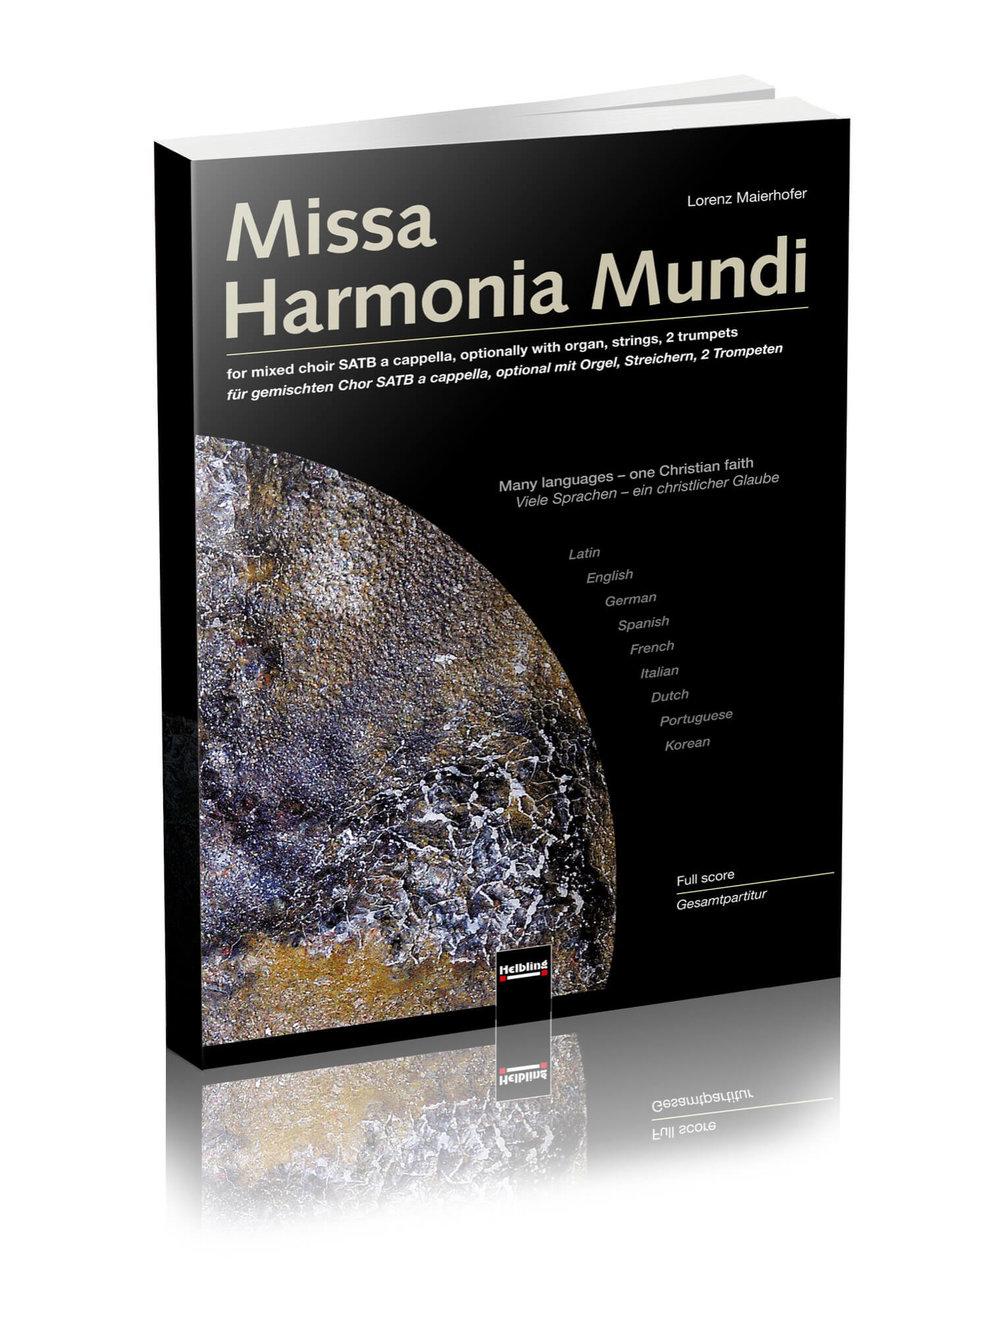 ▸ MISSA HARMONIA MUNDI